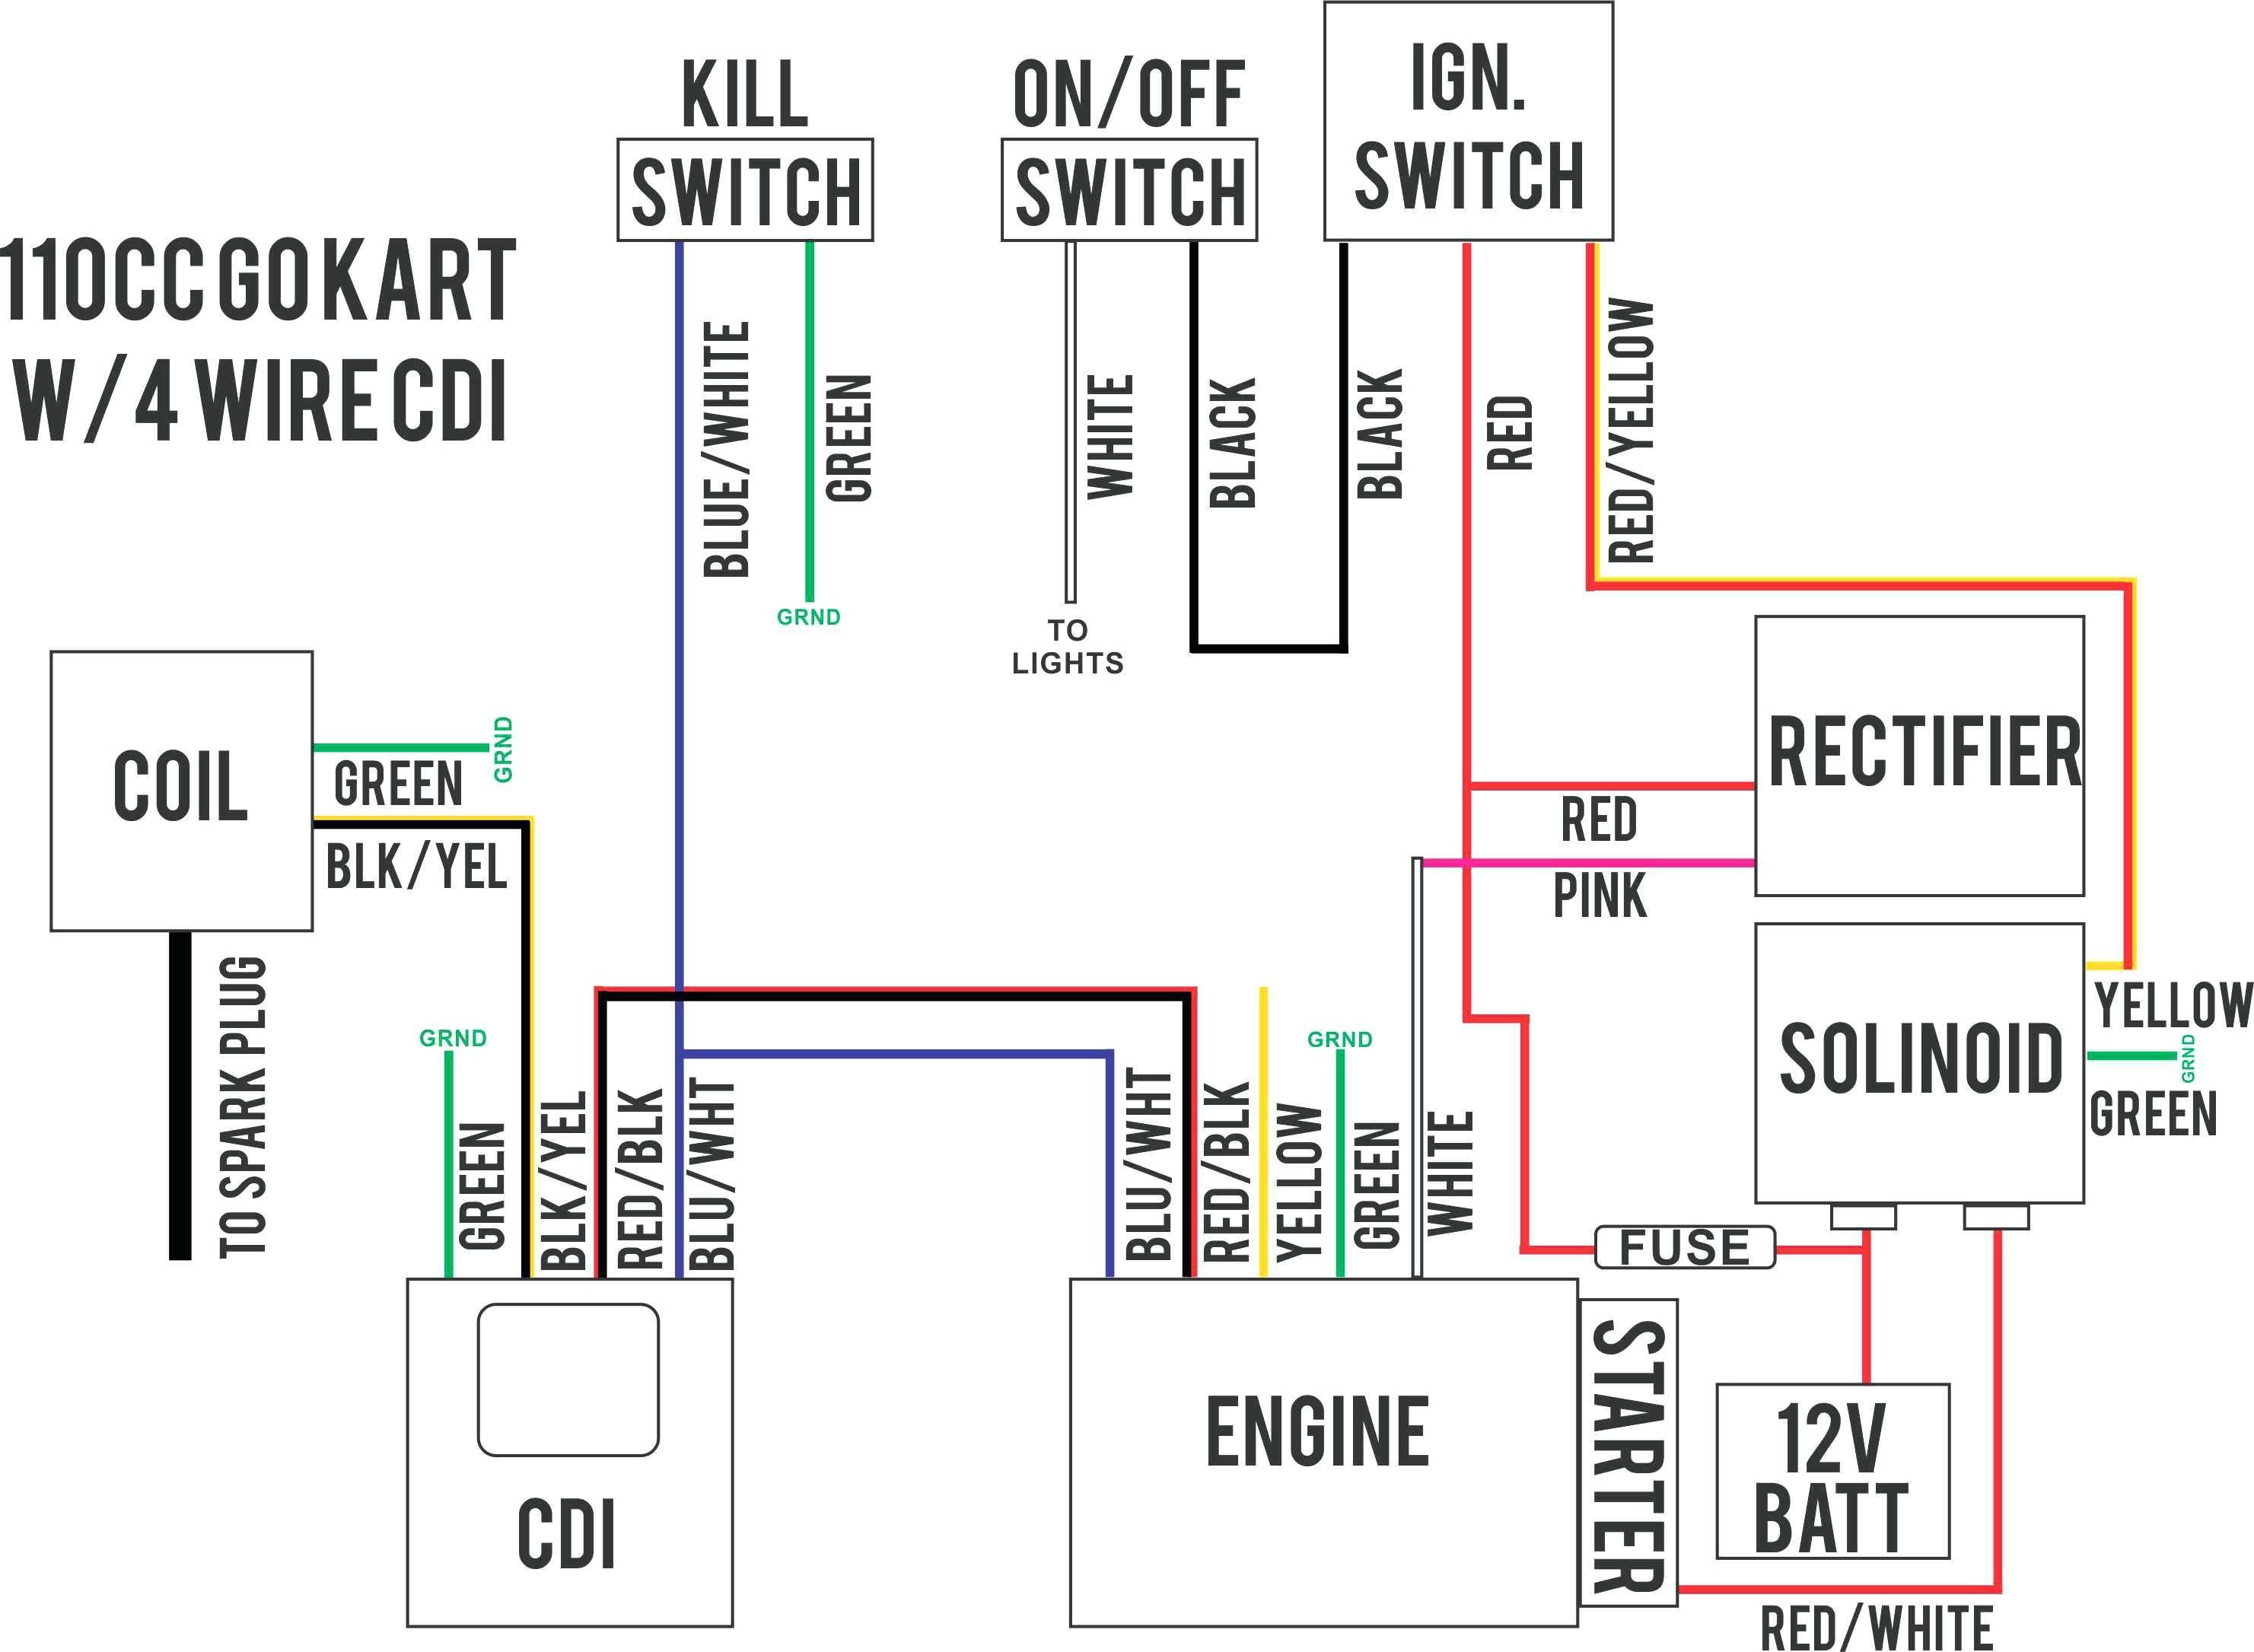 Wiring Diagram For Toad Alarm Fresh Großzügig Autopage Schaltplan Galerie Elektrische Schaltplan Ideen